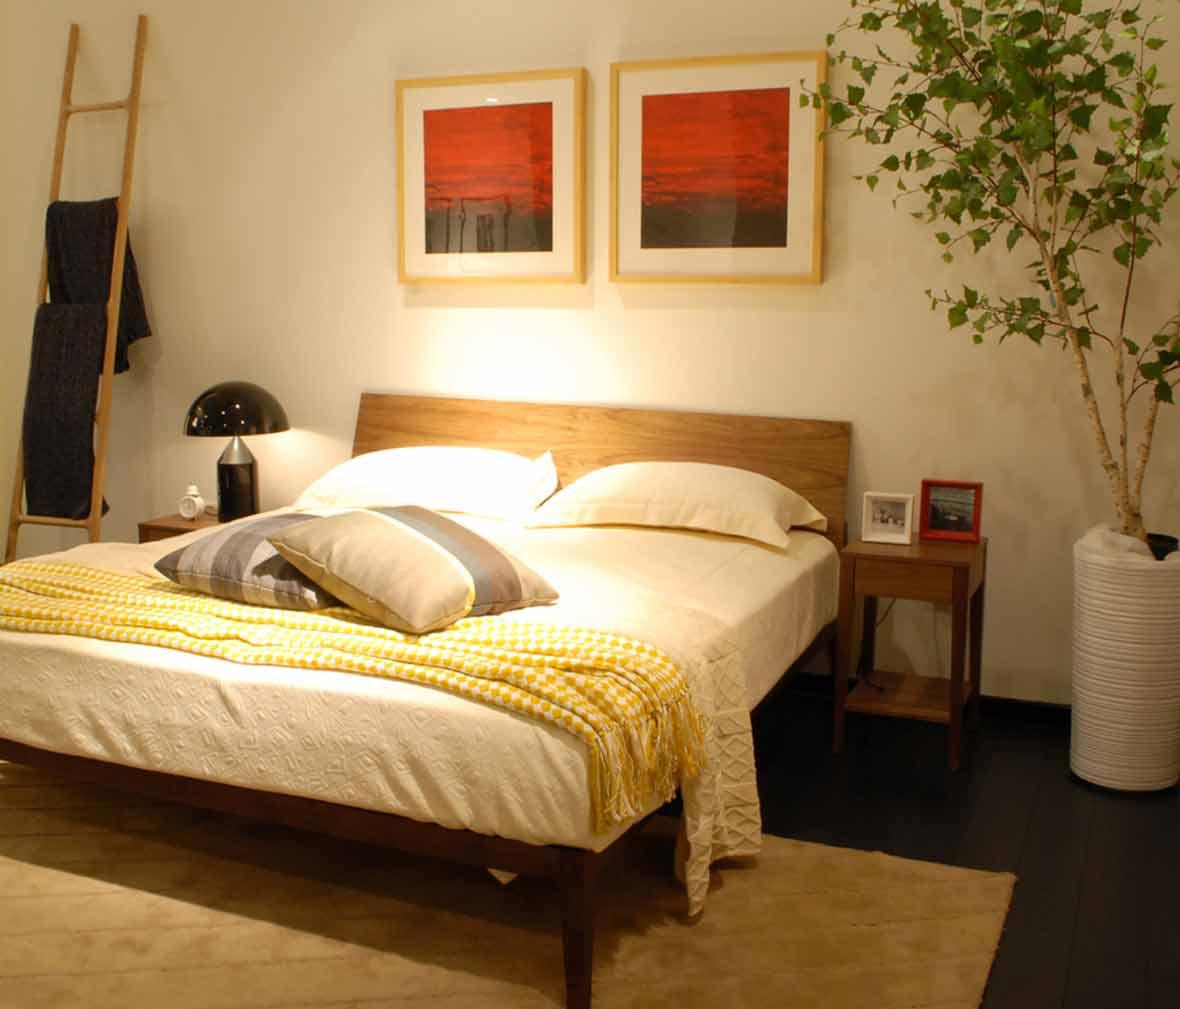 赖氏家具家具木床头柜WJO02友邦v家具实木杜景安吉型号乌金图片